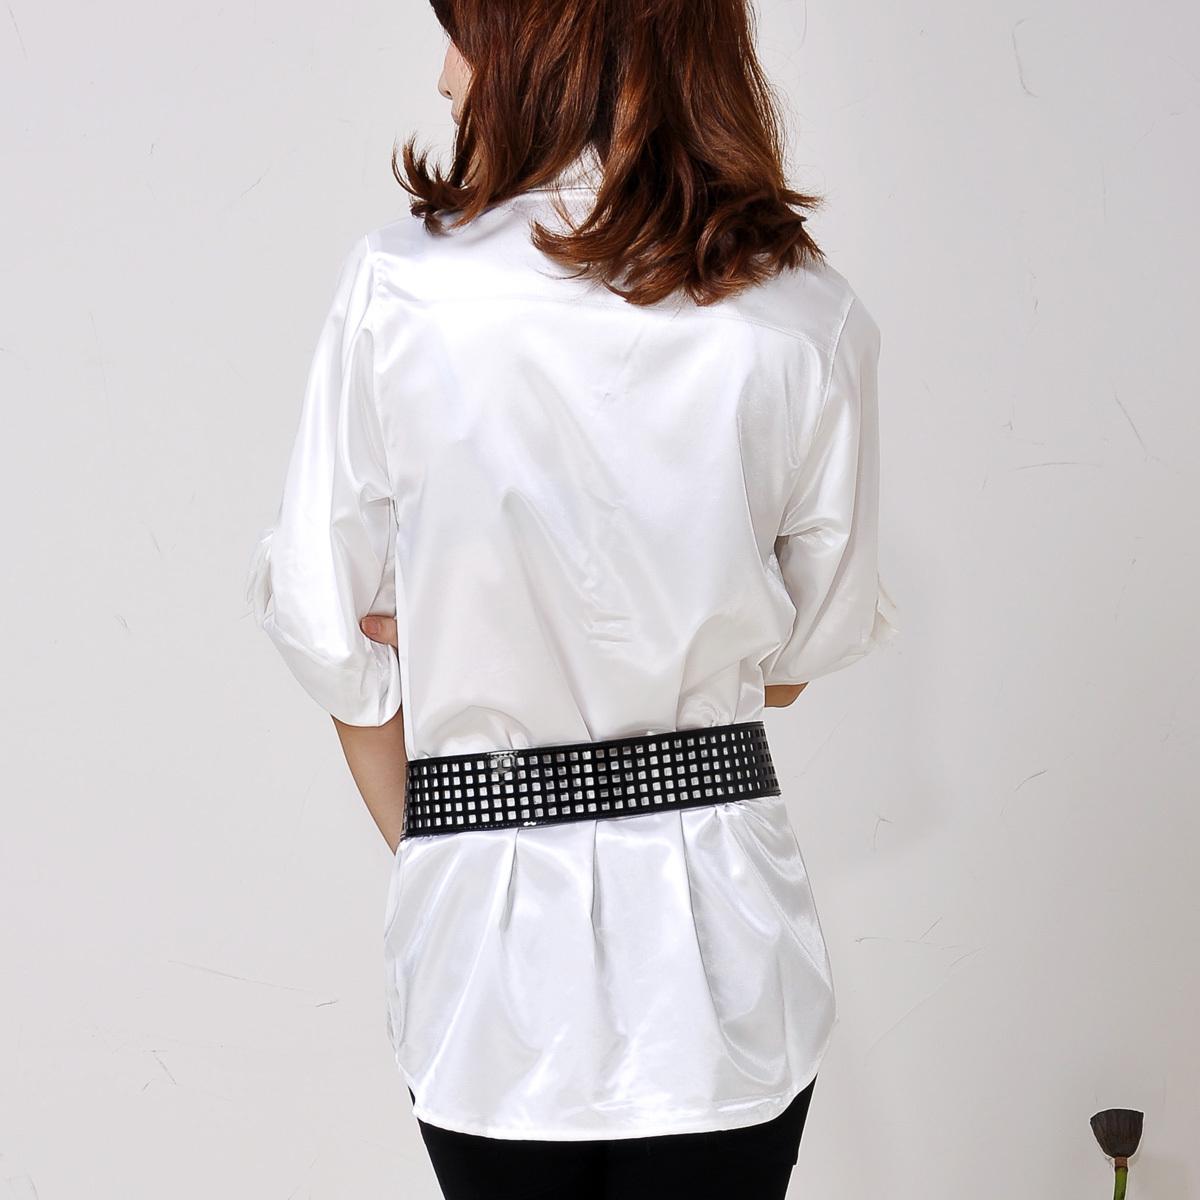 женская рубашка MATCHE mi311181 2012 Городской стиль Однотонный цвет Бантик бабочкой